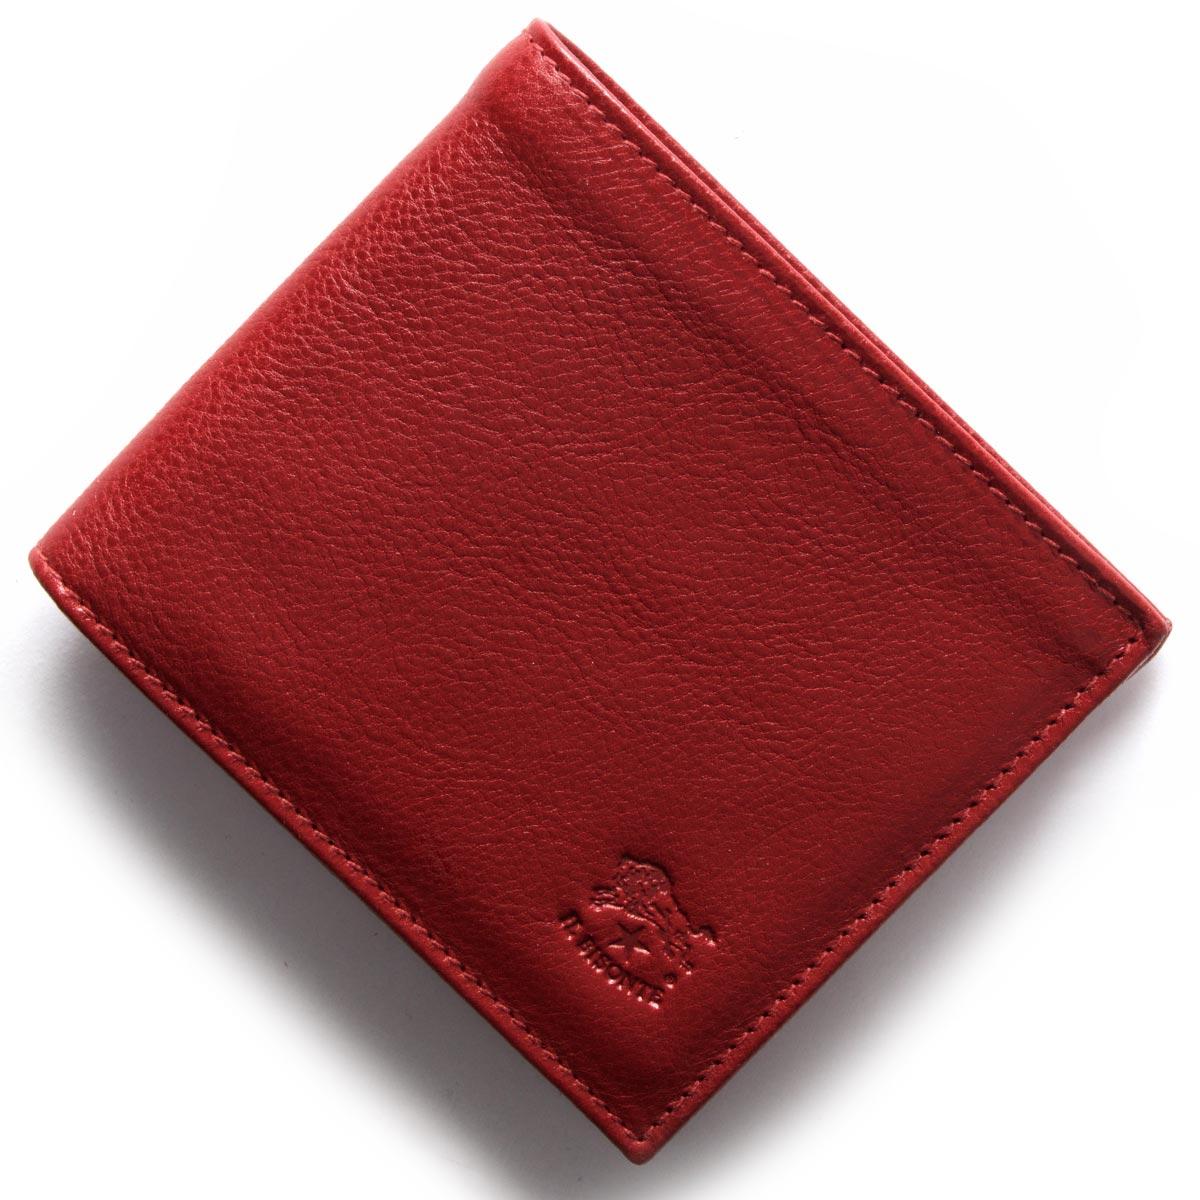 イルビゾンテ 二つ折り財布 財布 メンズ レディース スタンダード STANDARD ロッソレッド C0817 P 245 IL BISONTE